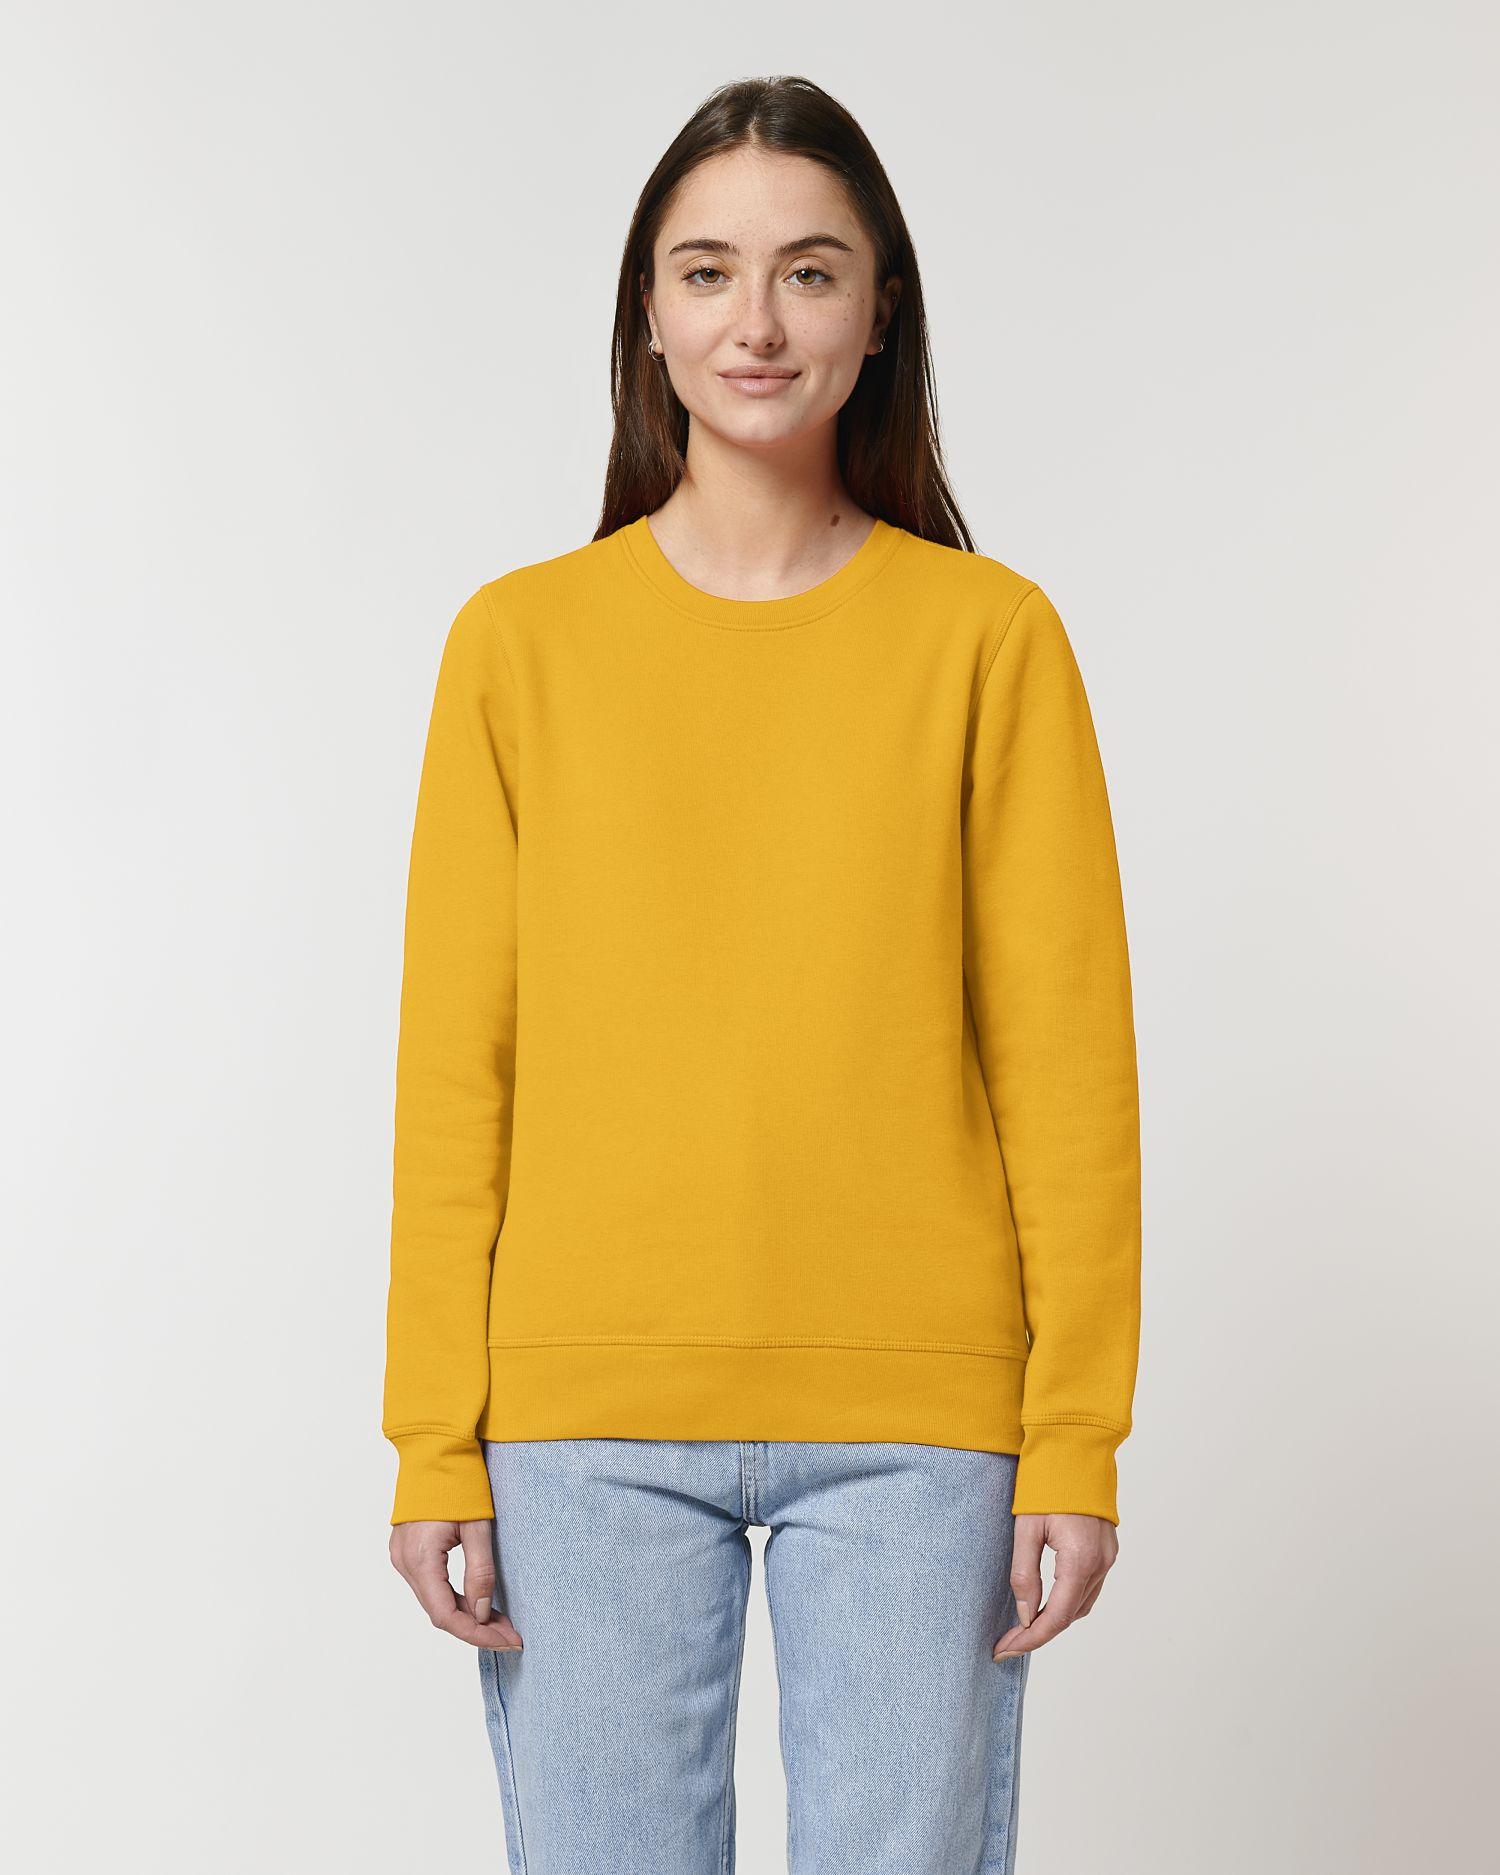 Roller Basic Unisex-Sweatshirt mit Rundhalsausschnitt STSU868 Stanley/Stella